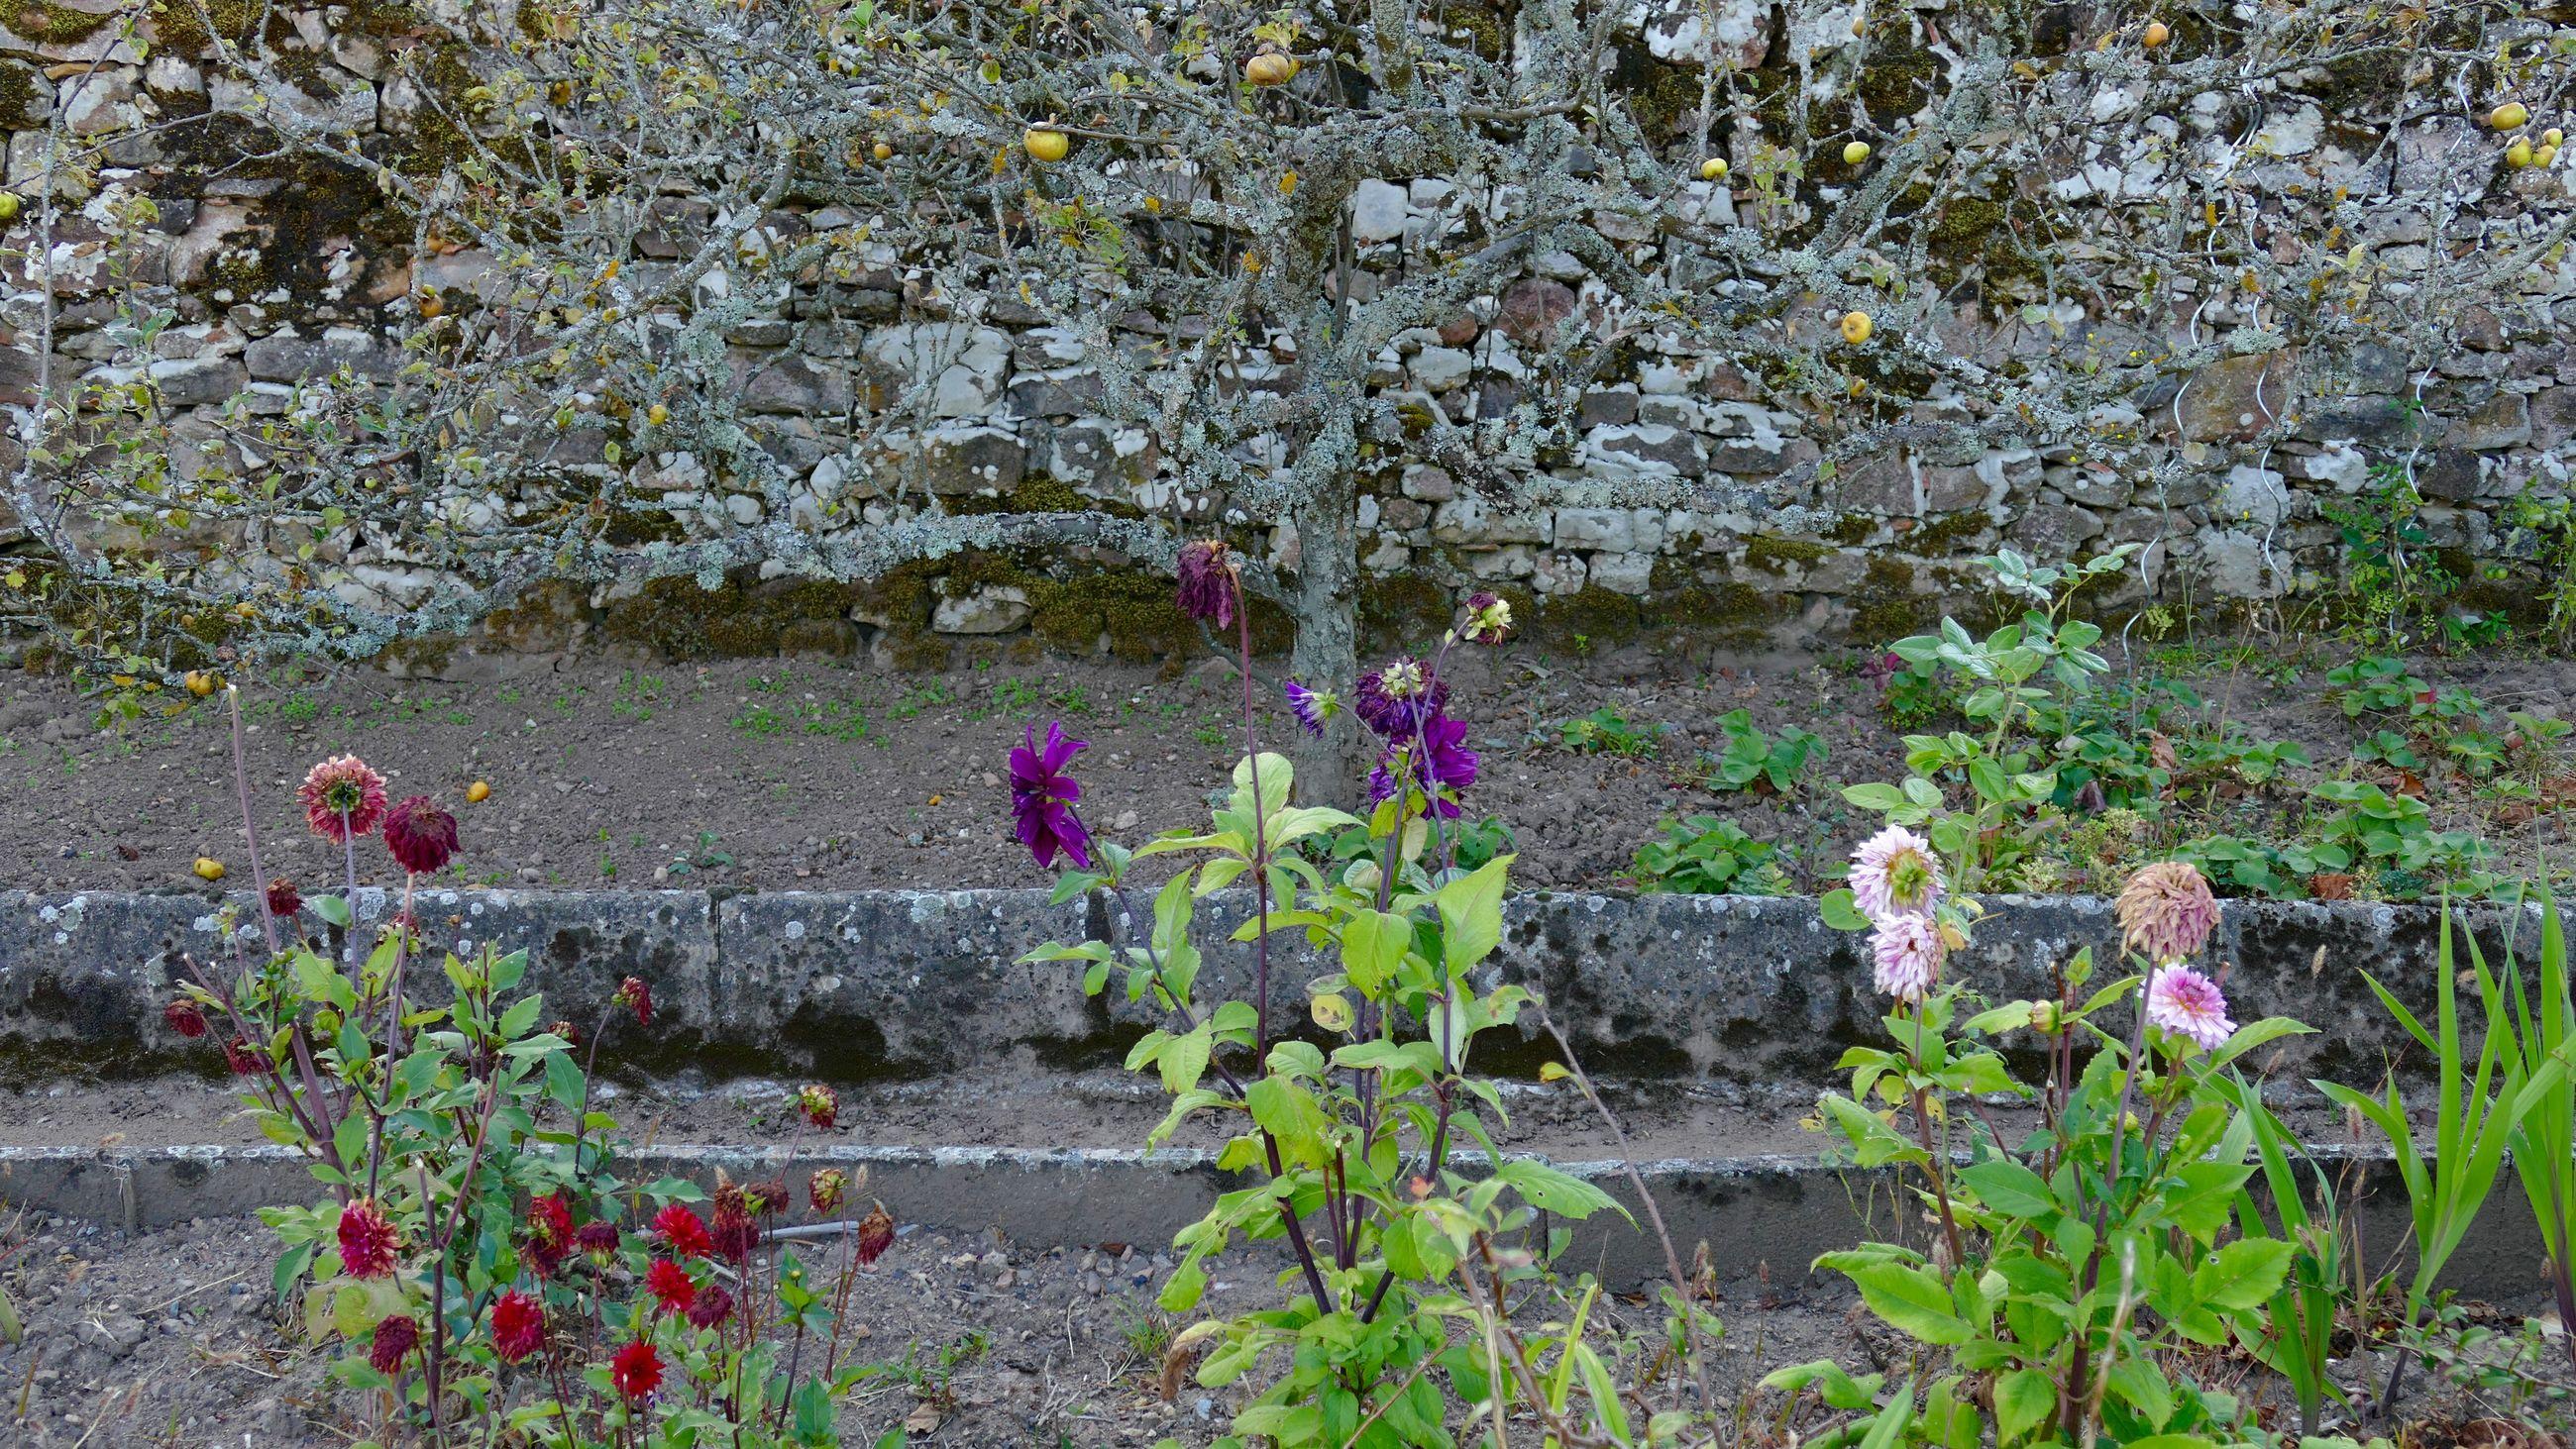 Flowers growing in yard